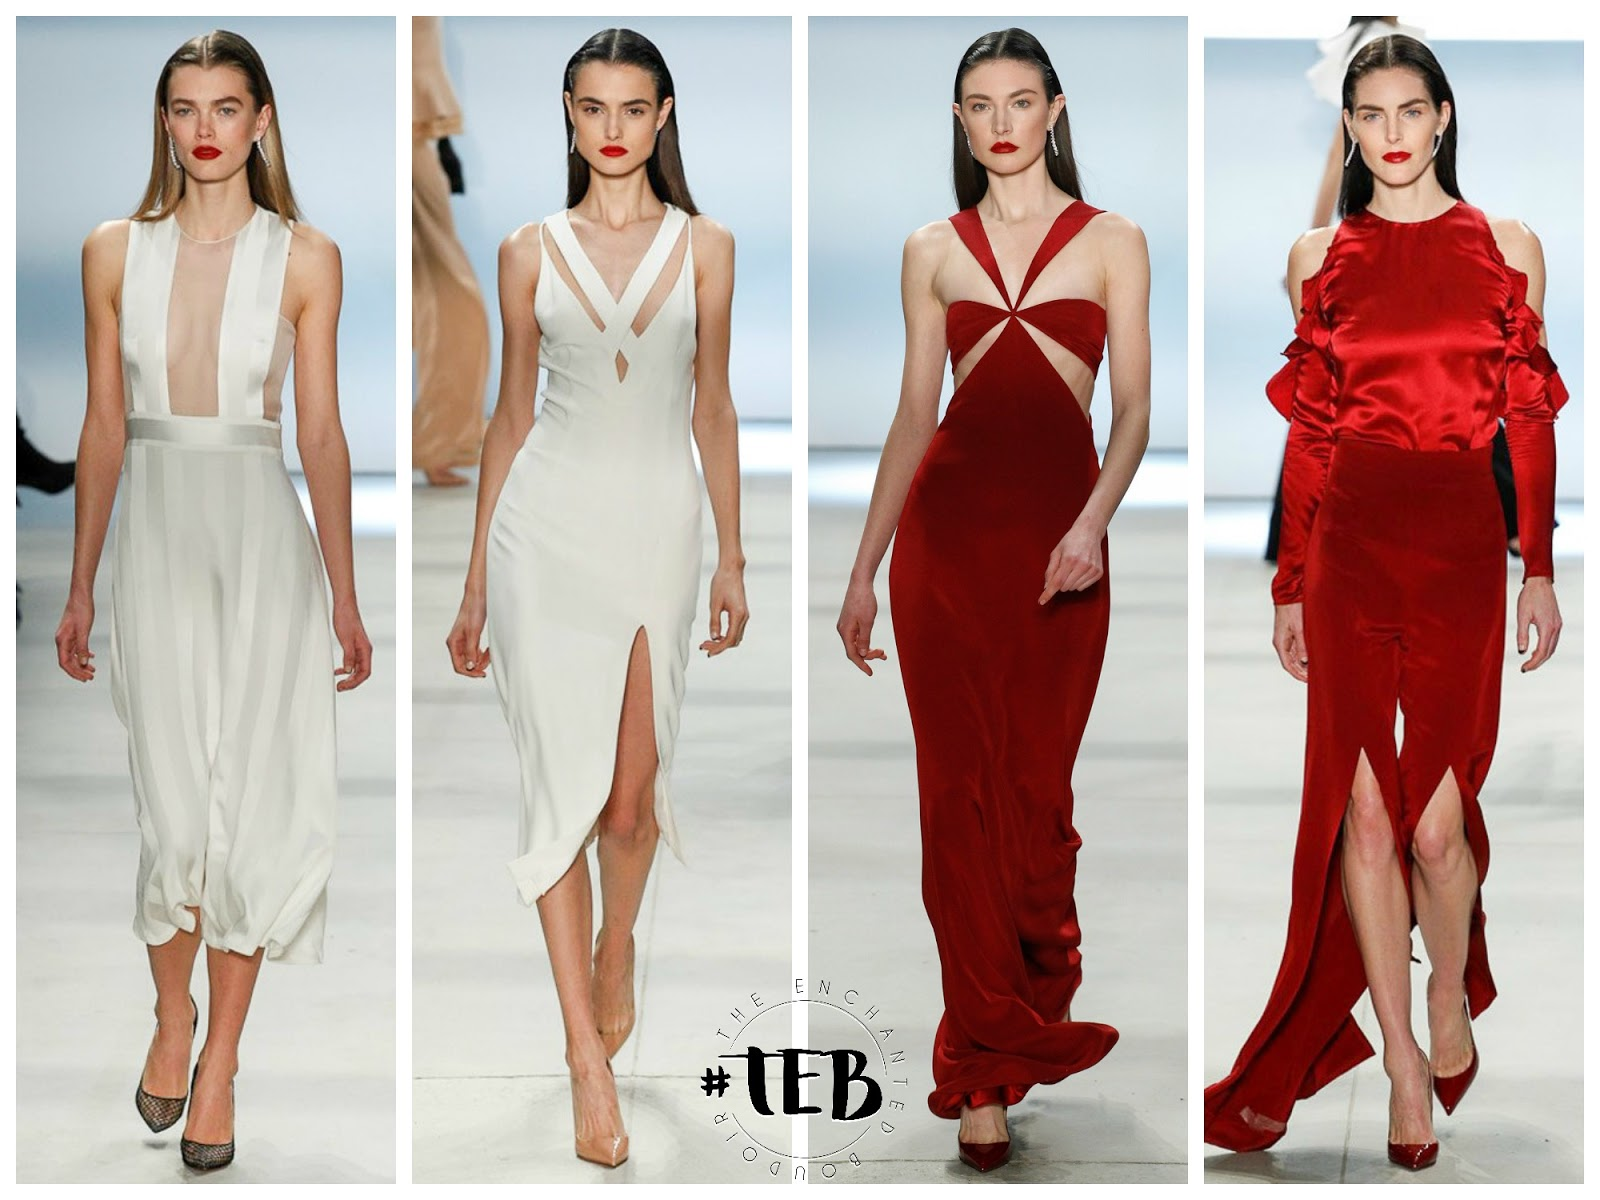 cushnie-et-ochs-fashion-show-blanca-padilla-hilary-rhoda